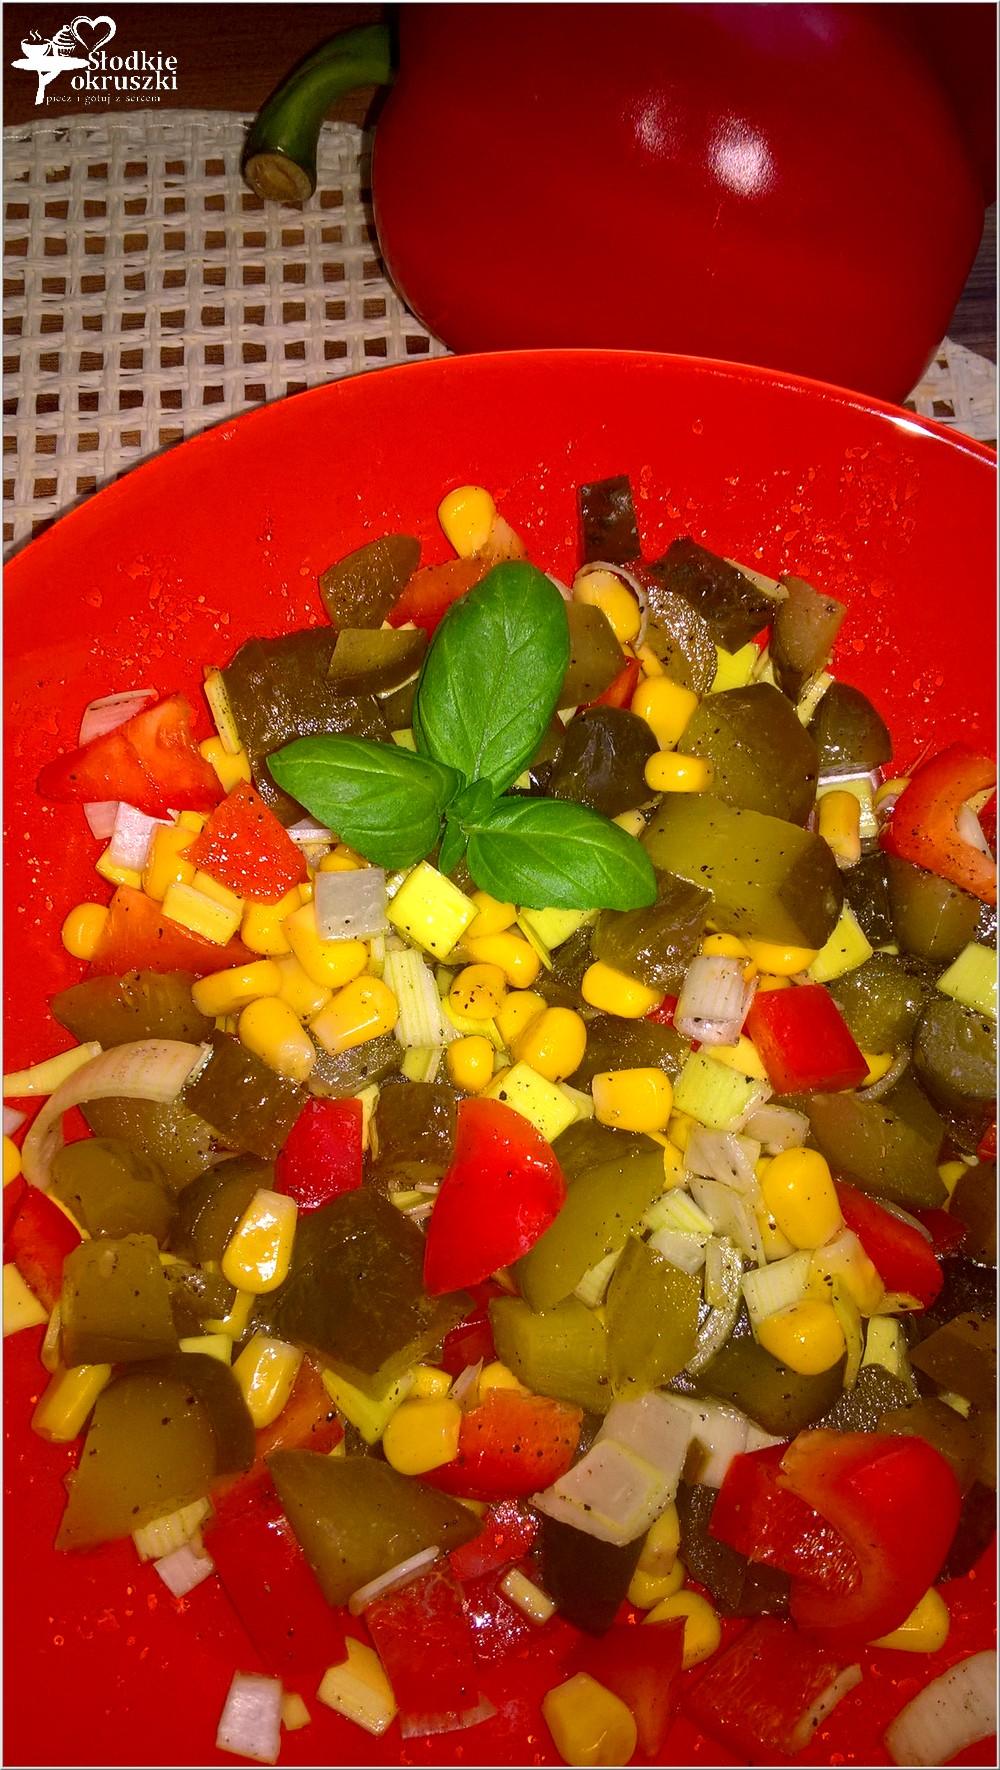 salatka-z-ogorkiem-kiszonym-papryka-i-kukurydza-4